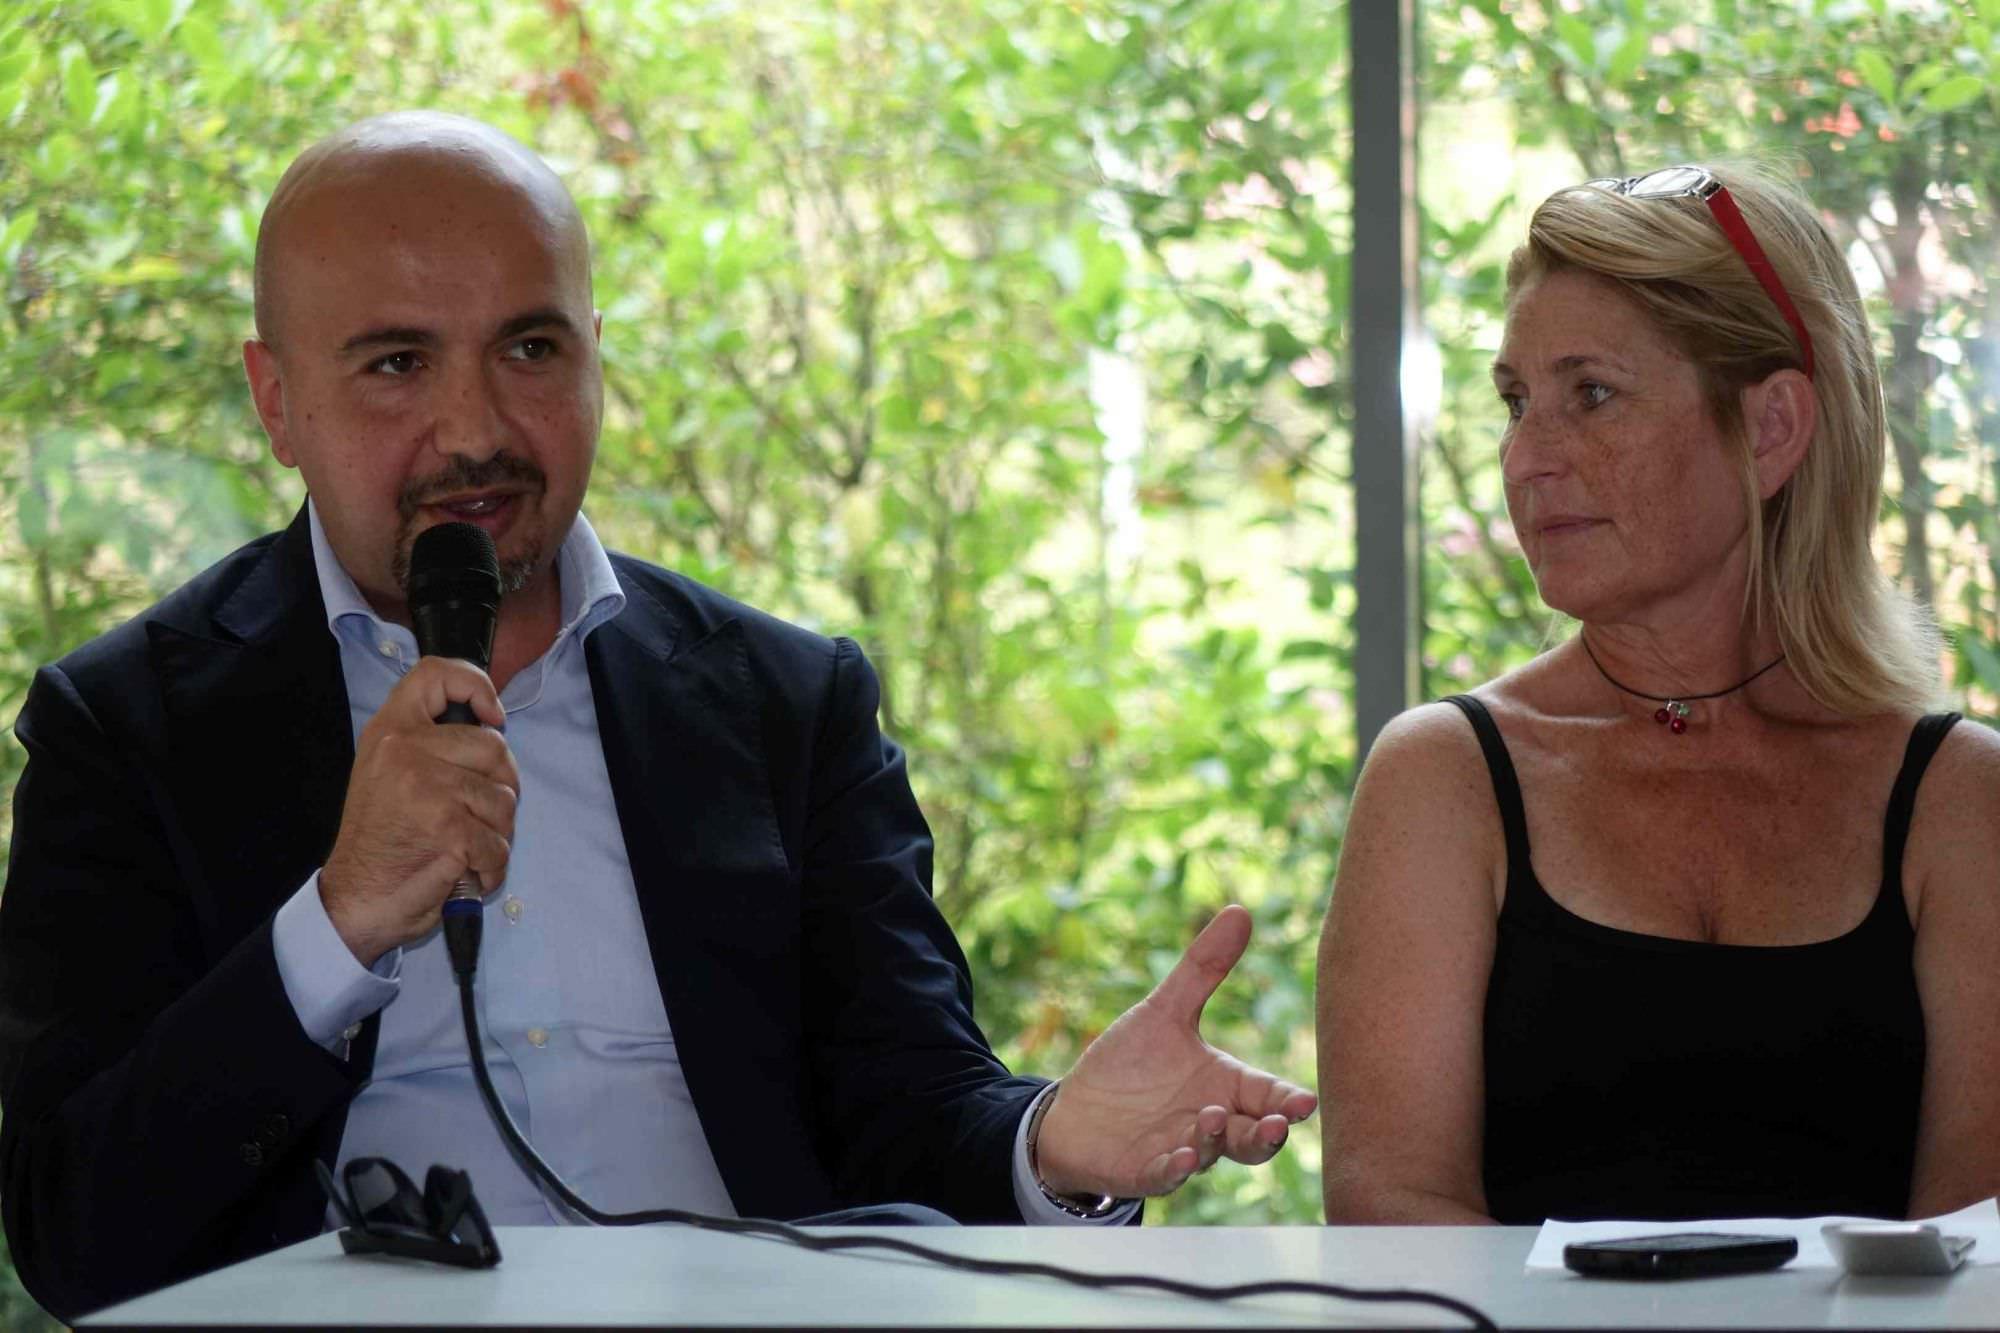 Un accordo di collaborazione pluriennale 2015-2019 tra la Fondazione Festival Pucciniano e Jaba di Milano